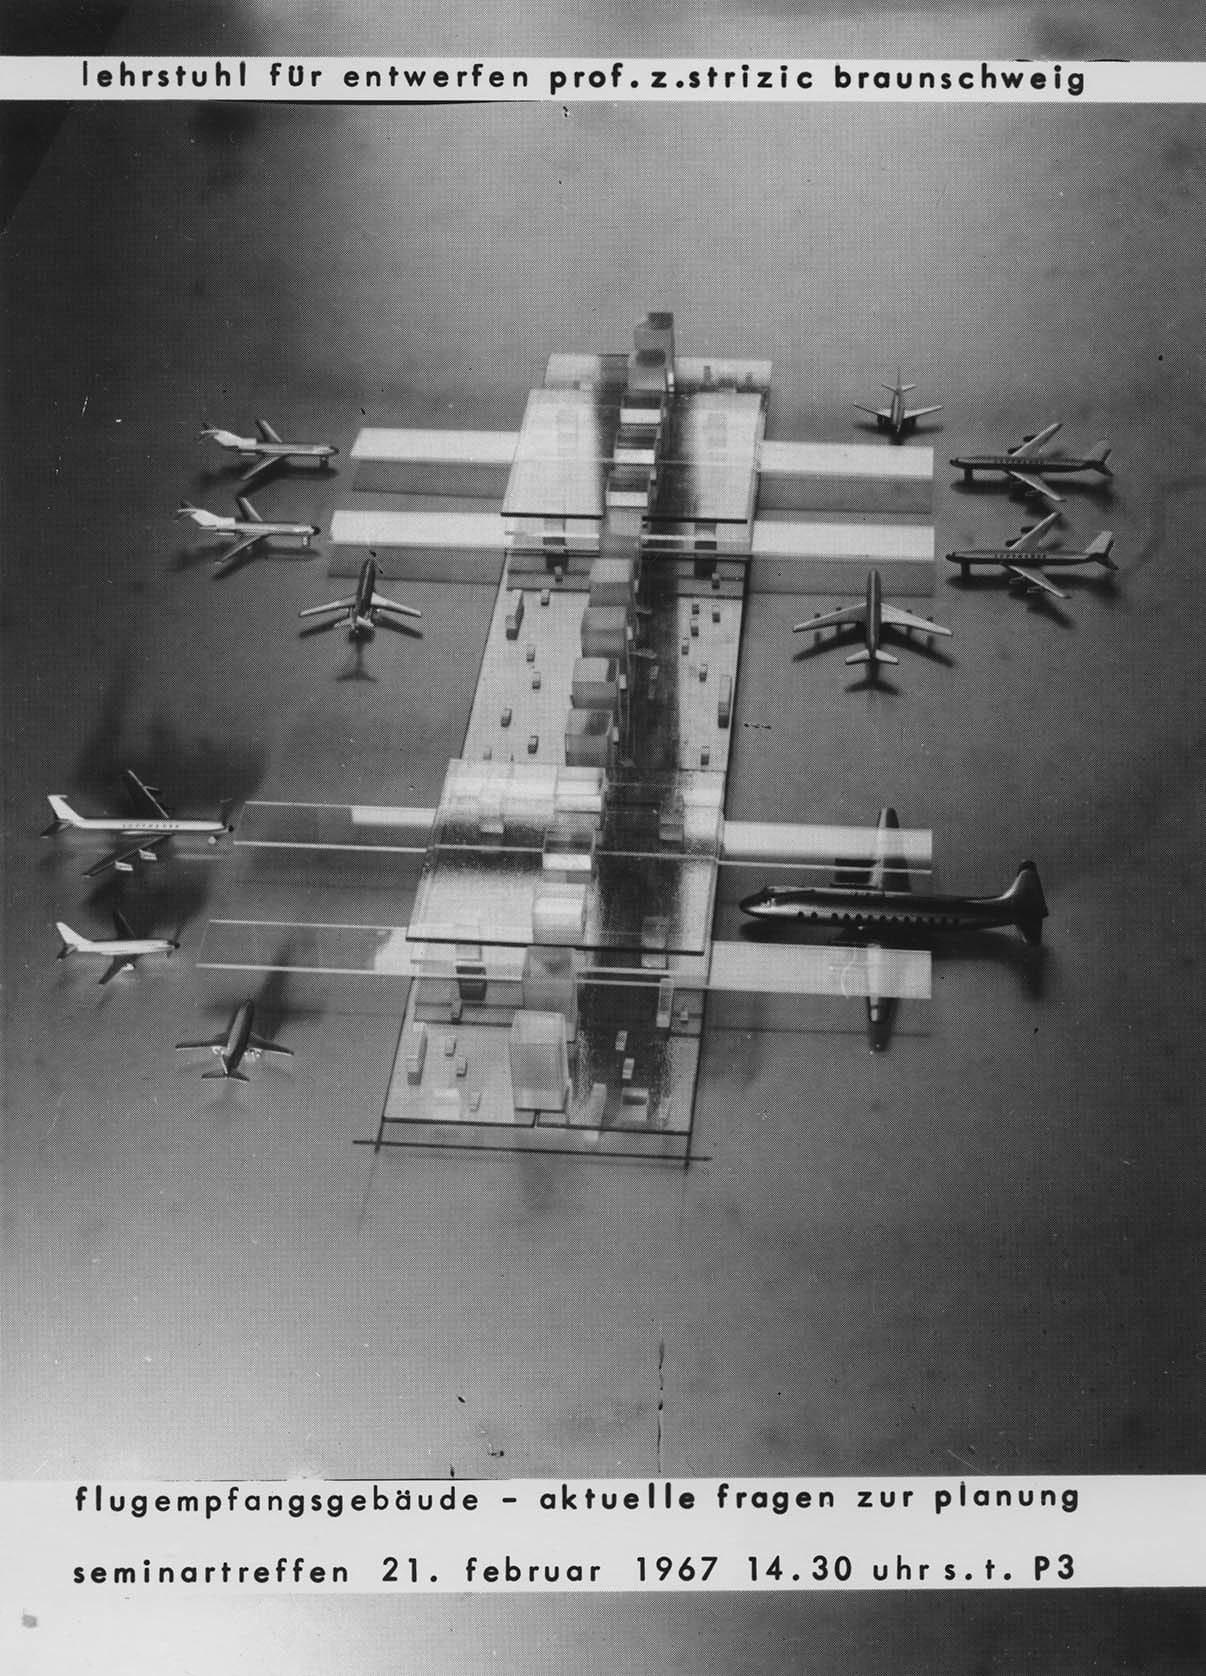 SAIB G52 I 49 2 Plakat Flughafenempfangsgebaeude 1967x